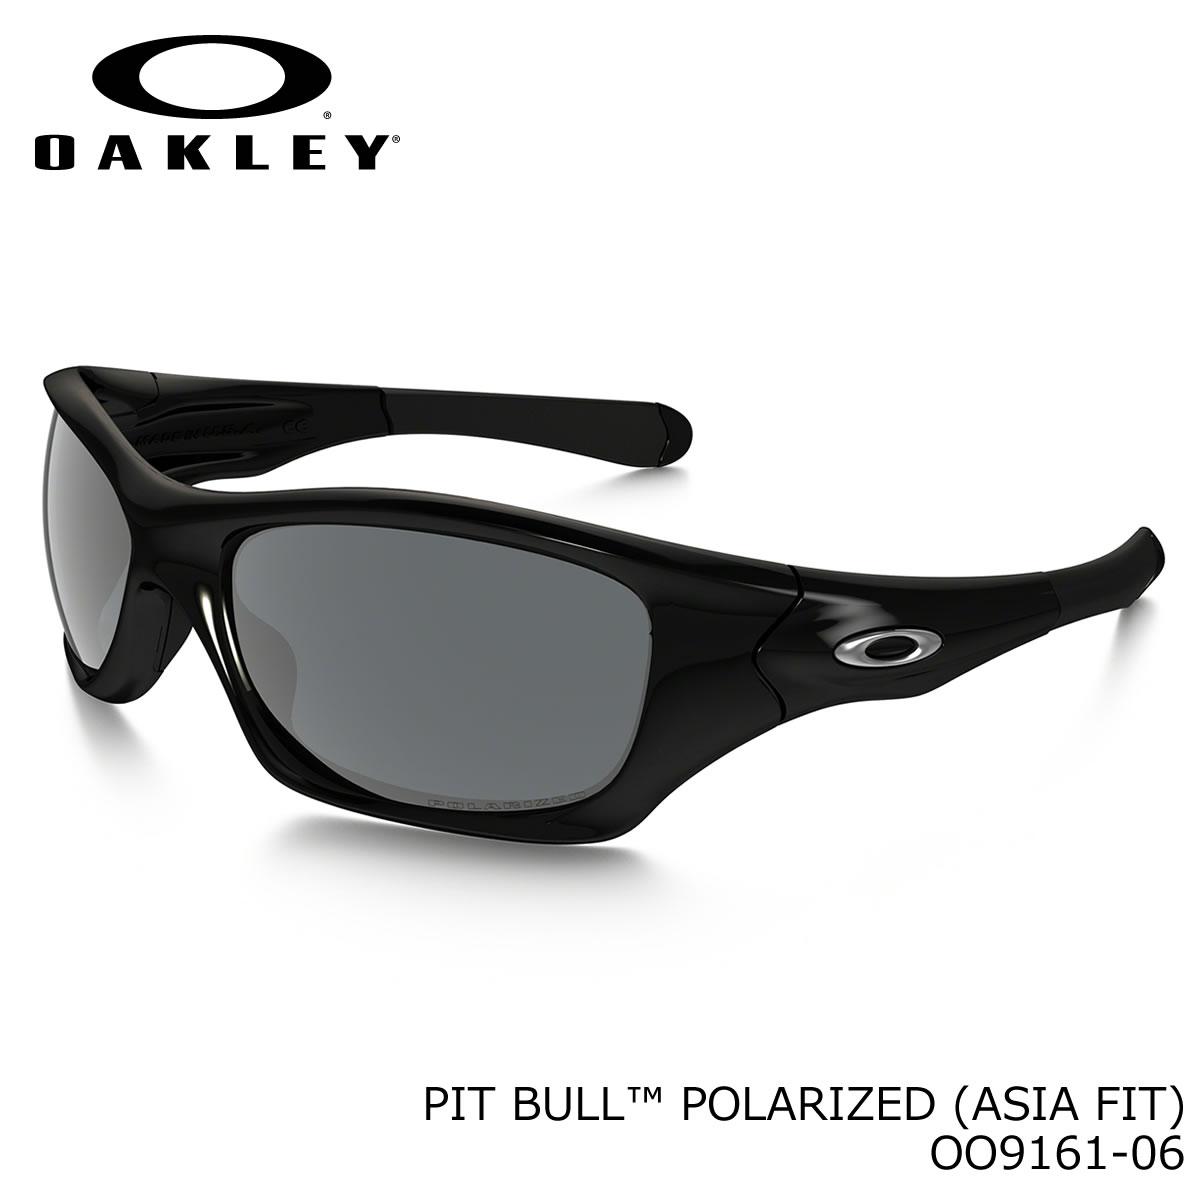 ポイント最大42倍!!お得なクーポンも !! オークリー 偏光サングラス ピットブル OAKLEY OO9161-06 PIT BULL ASIA FIT Polished Black / Black Iridium Polarized オークレー アジアンフィット 偏光レンズ ミラー メンズ レディース